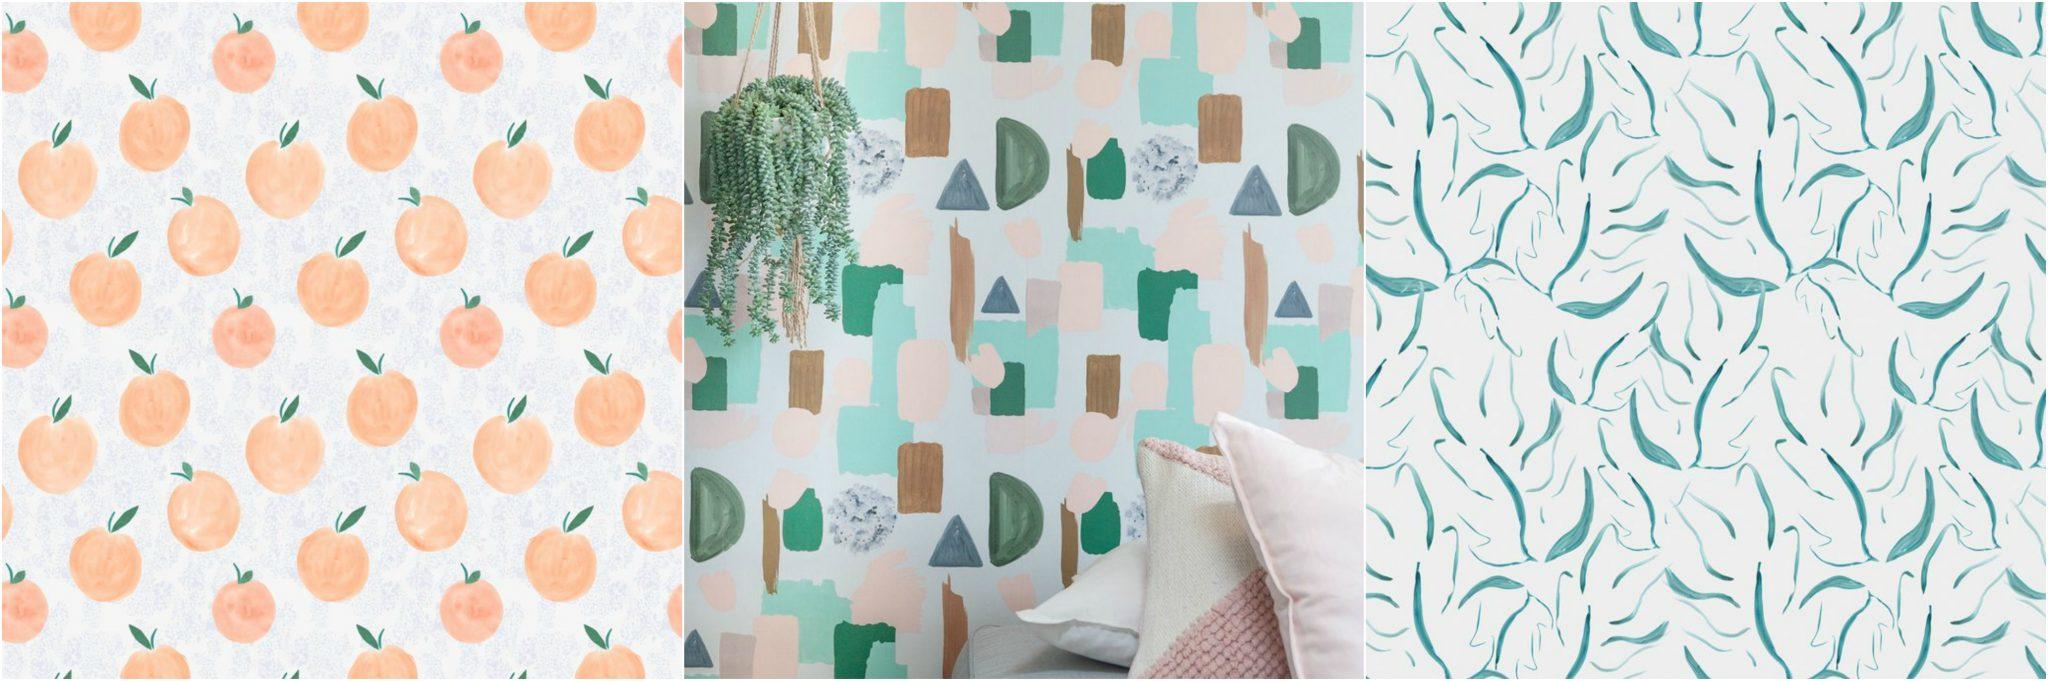 behang roomblush tropical print scandinavisch wonen interieur interieurtrends